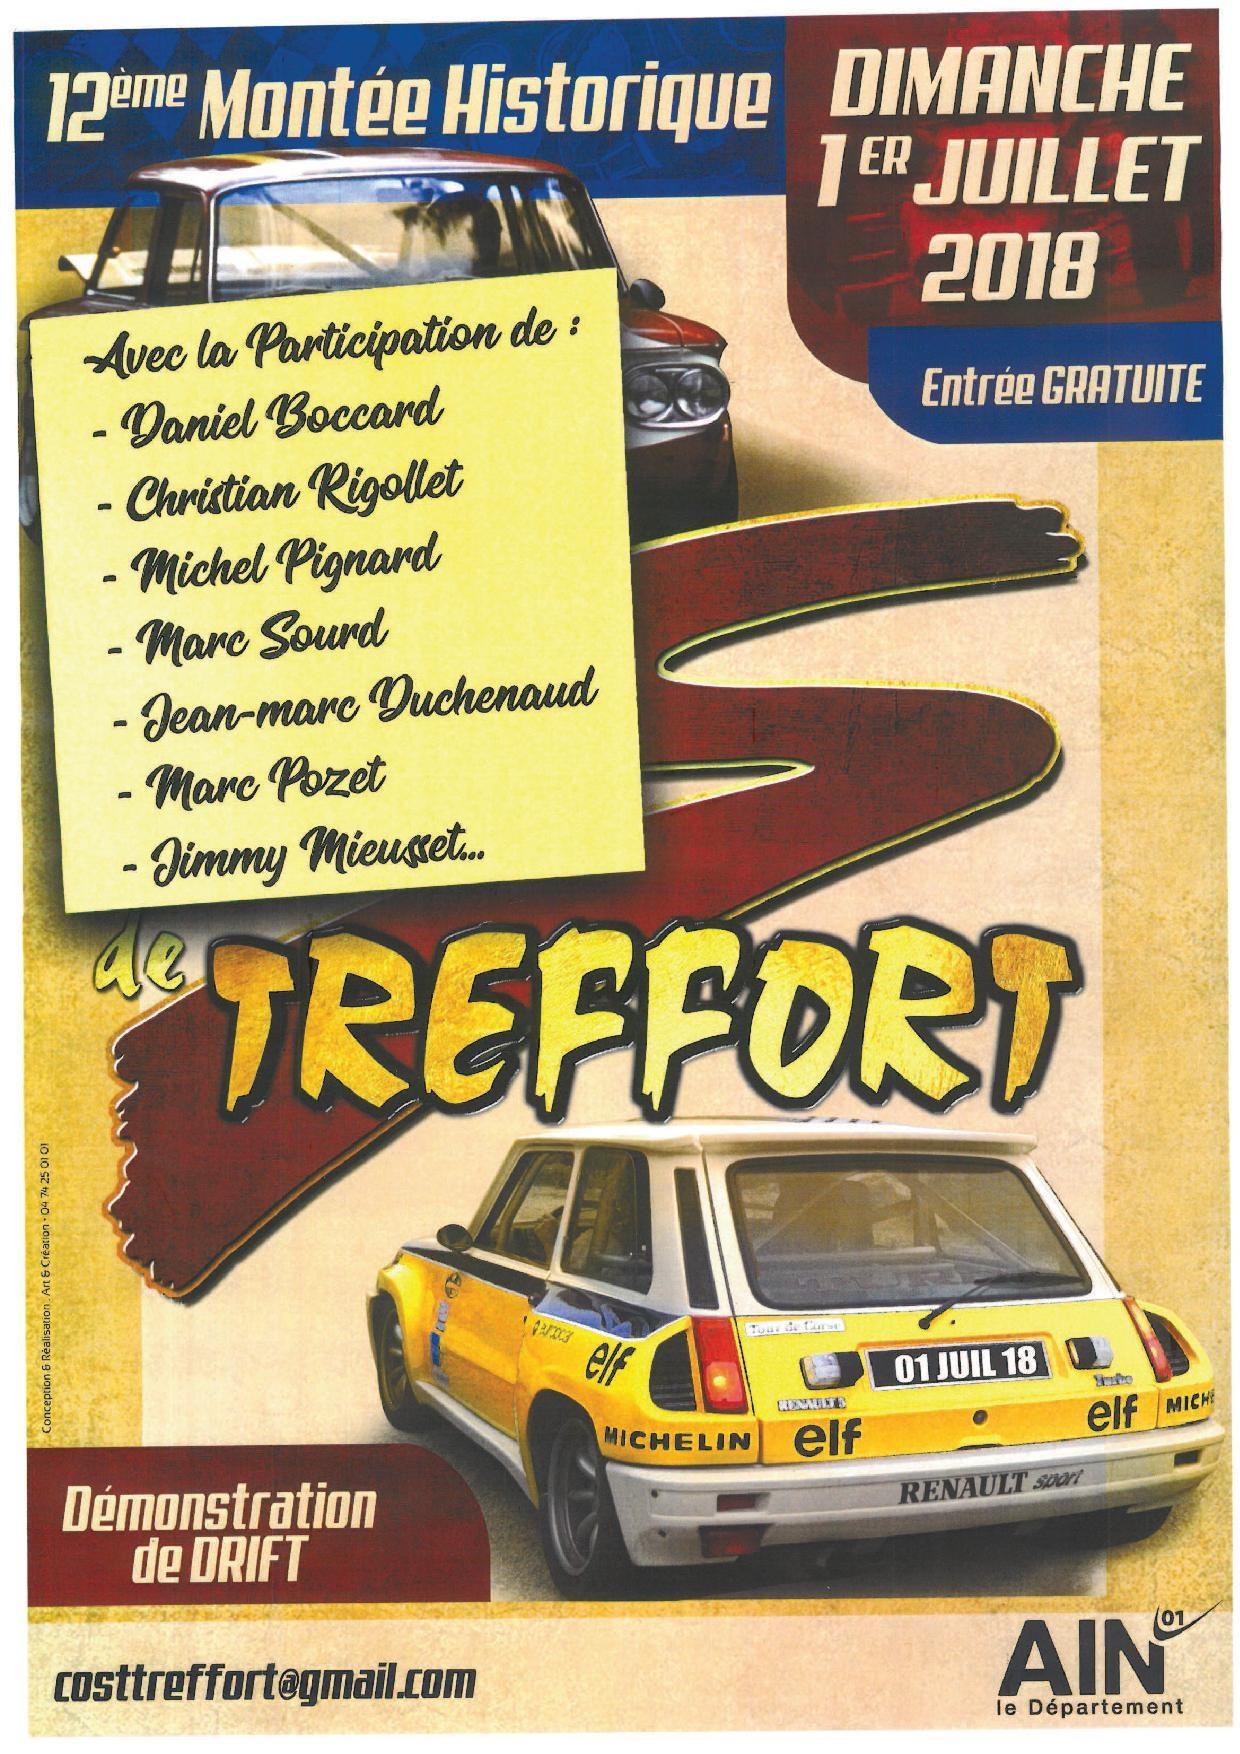 12ème montée de Treffort-page-001